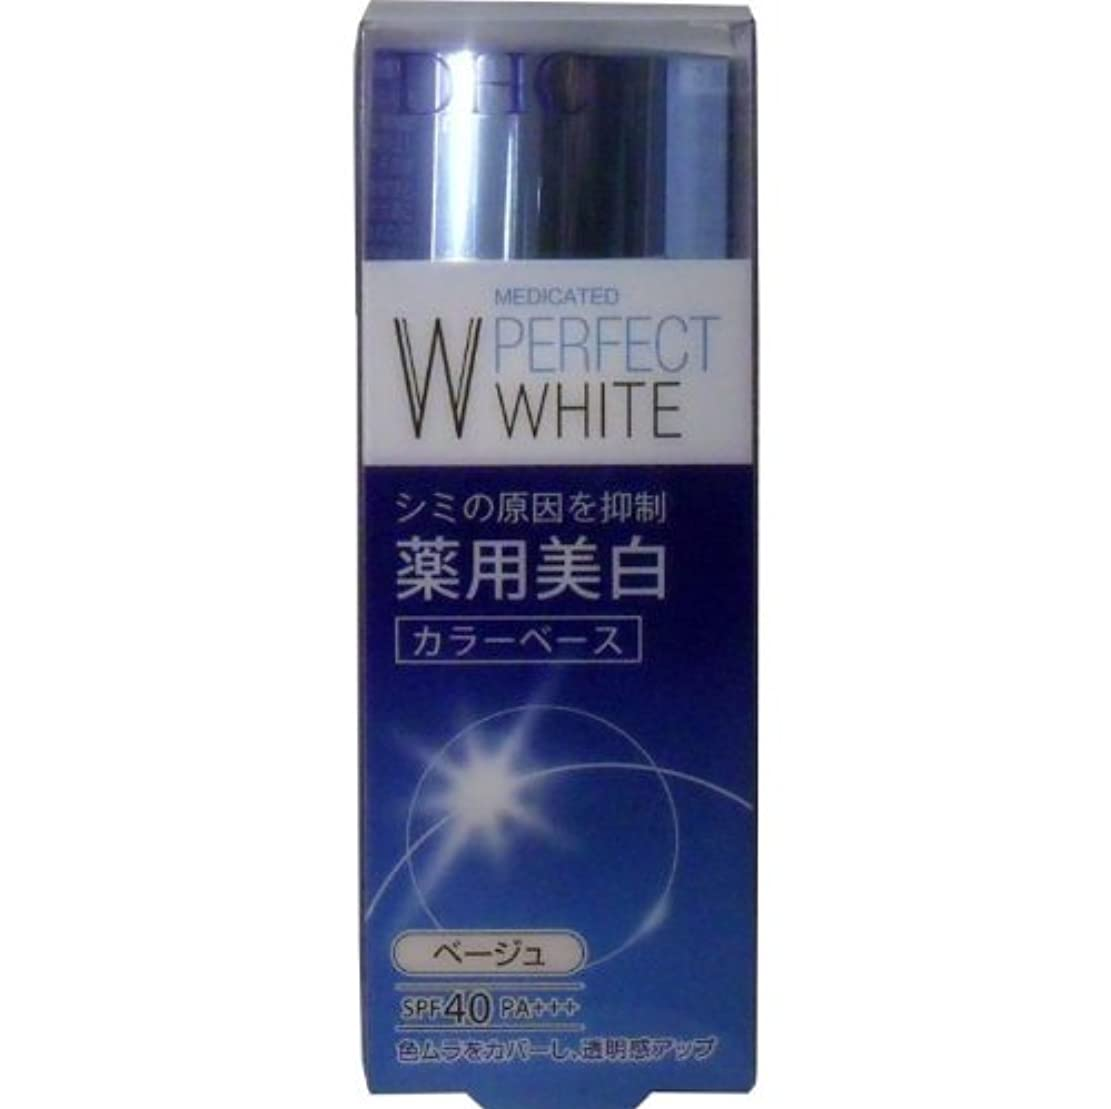 タッチ必須困難DHC 薬用美白パーフェクトホワイト カラーベース ベージュ 30g